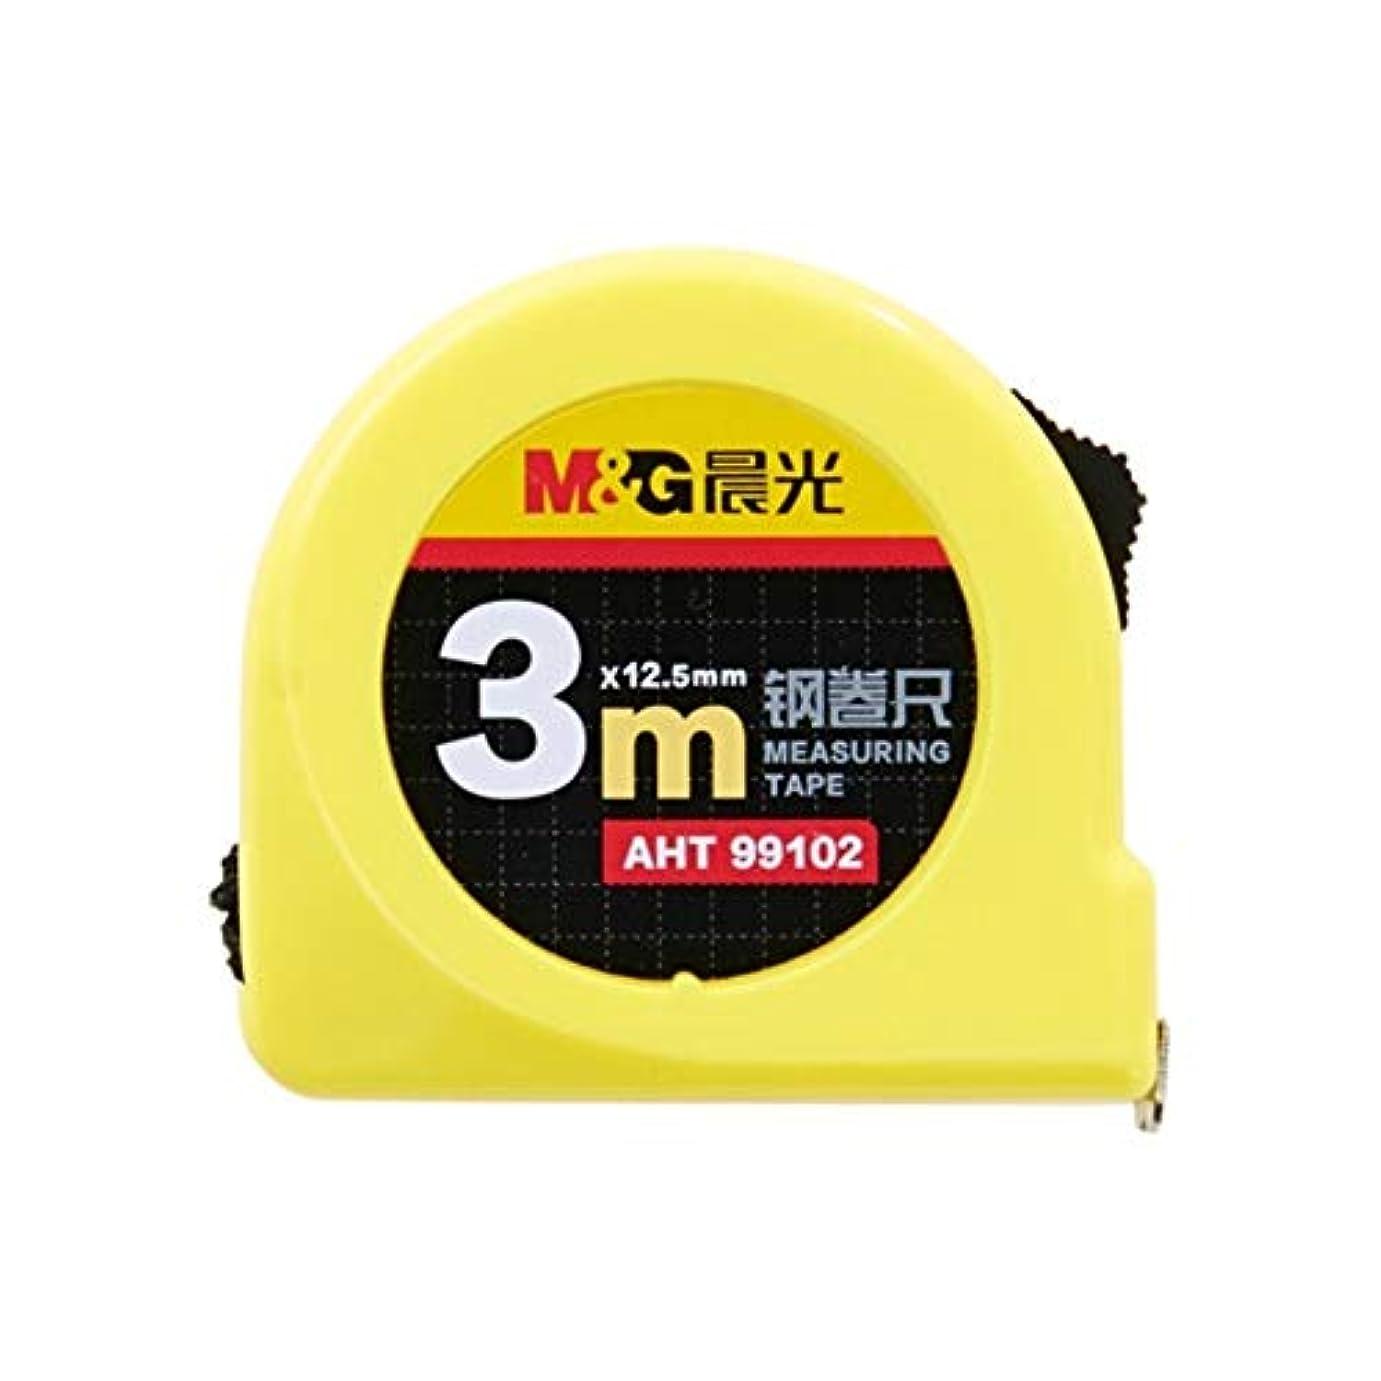 中に針マインドフルYVCHEN 家庭用、電気技師修理、工事現場、オフィス:ツール、アプリケーションの範囲を測定メジャーリトラクタブルメトリック測定テープのセルフロッキング (Size : 3m*12.5mm)